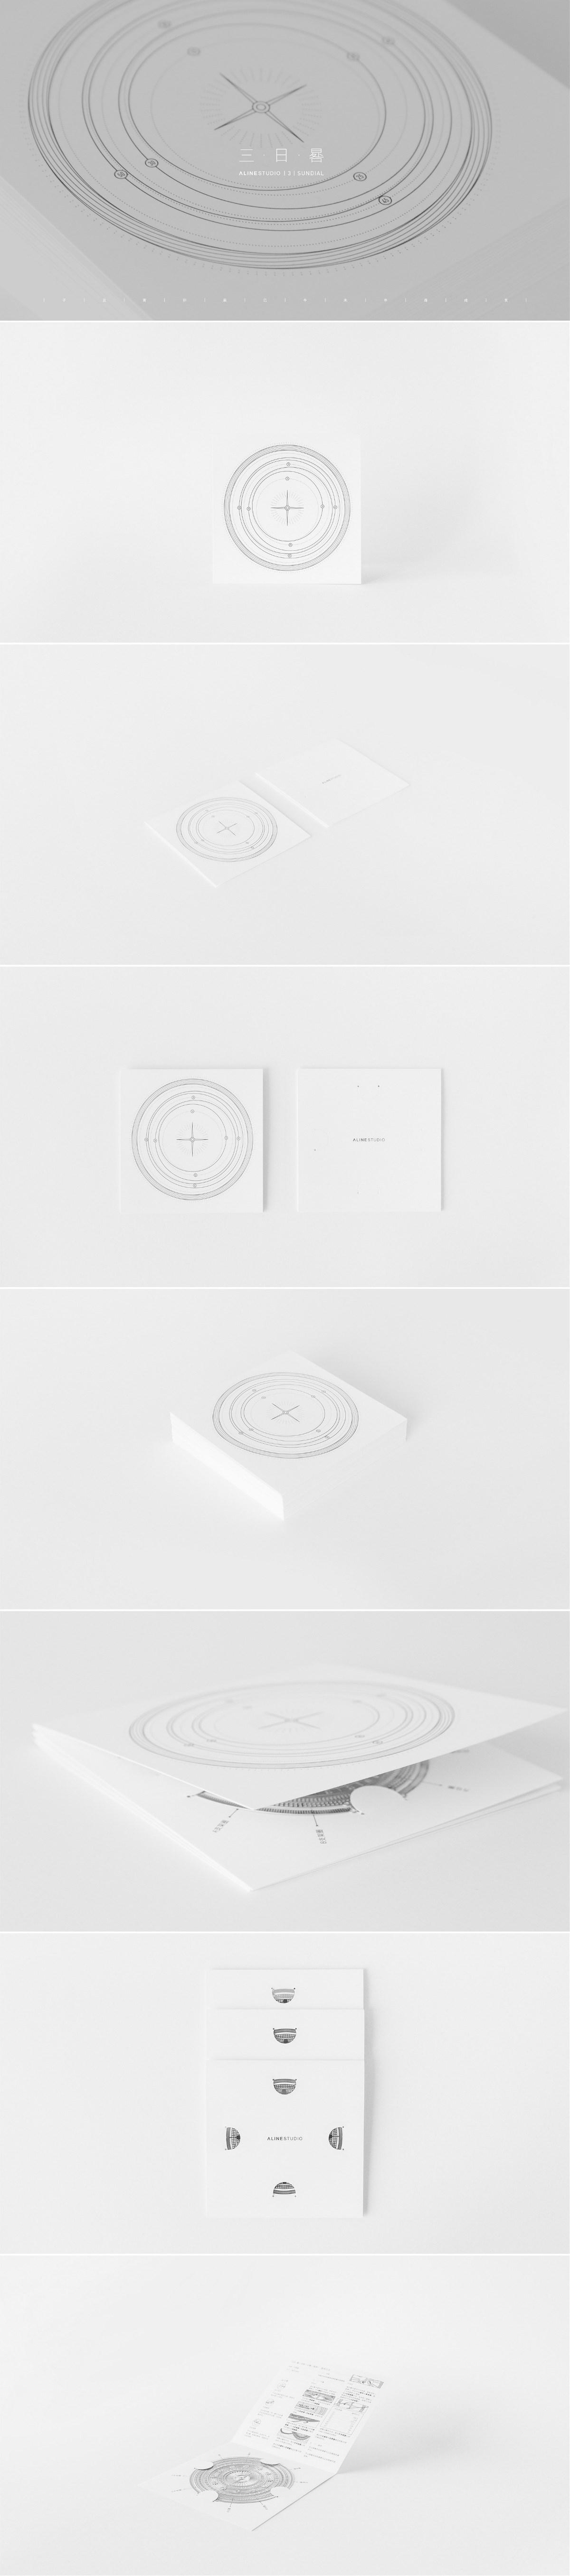 礼品设计-三·日·晷 ALINESTUDIO出品